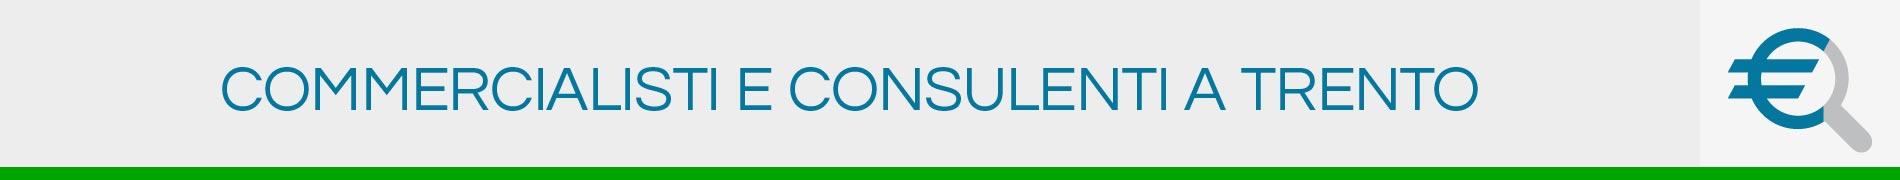 Commercialisti e Consulenti a Trento